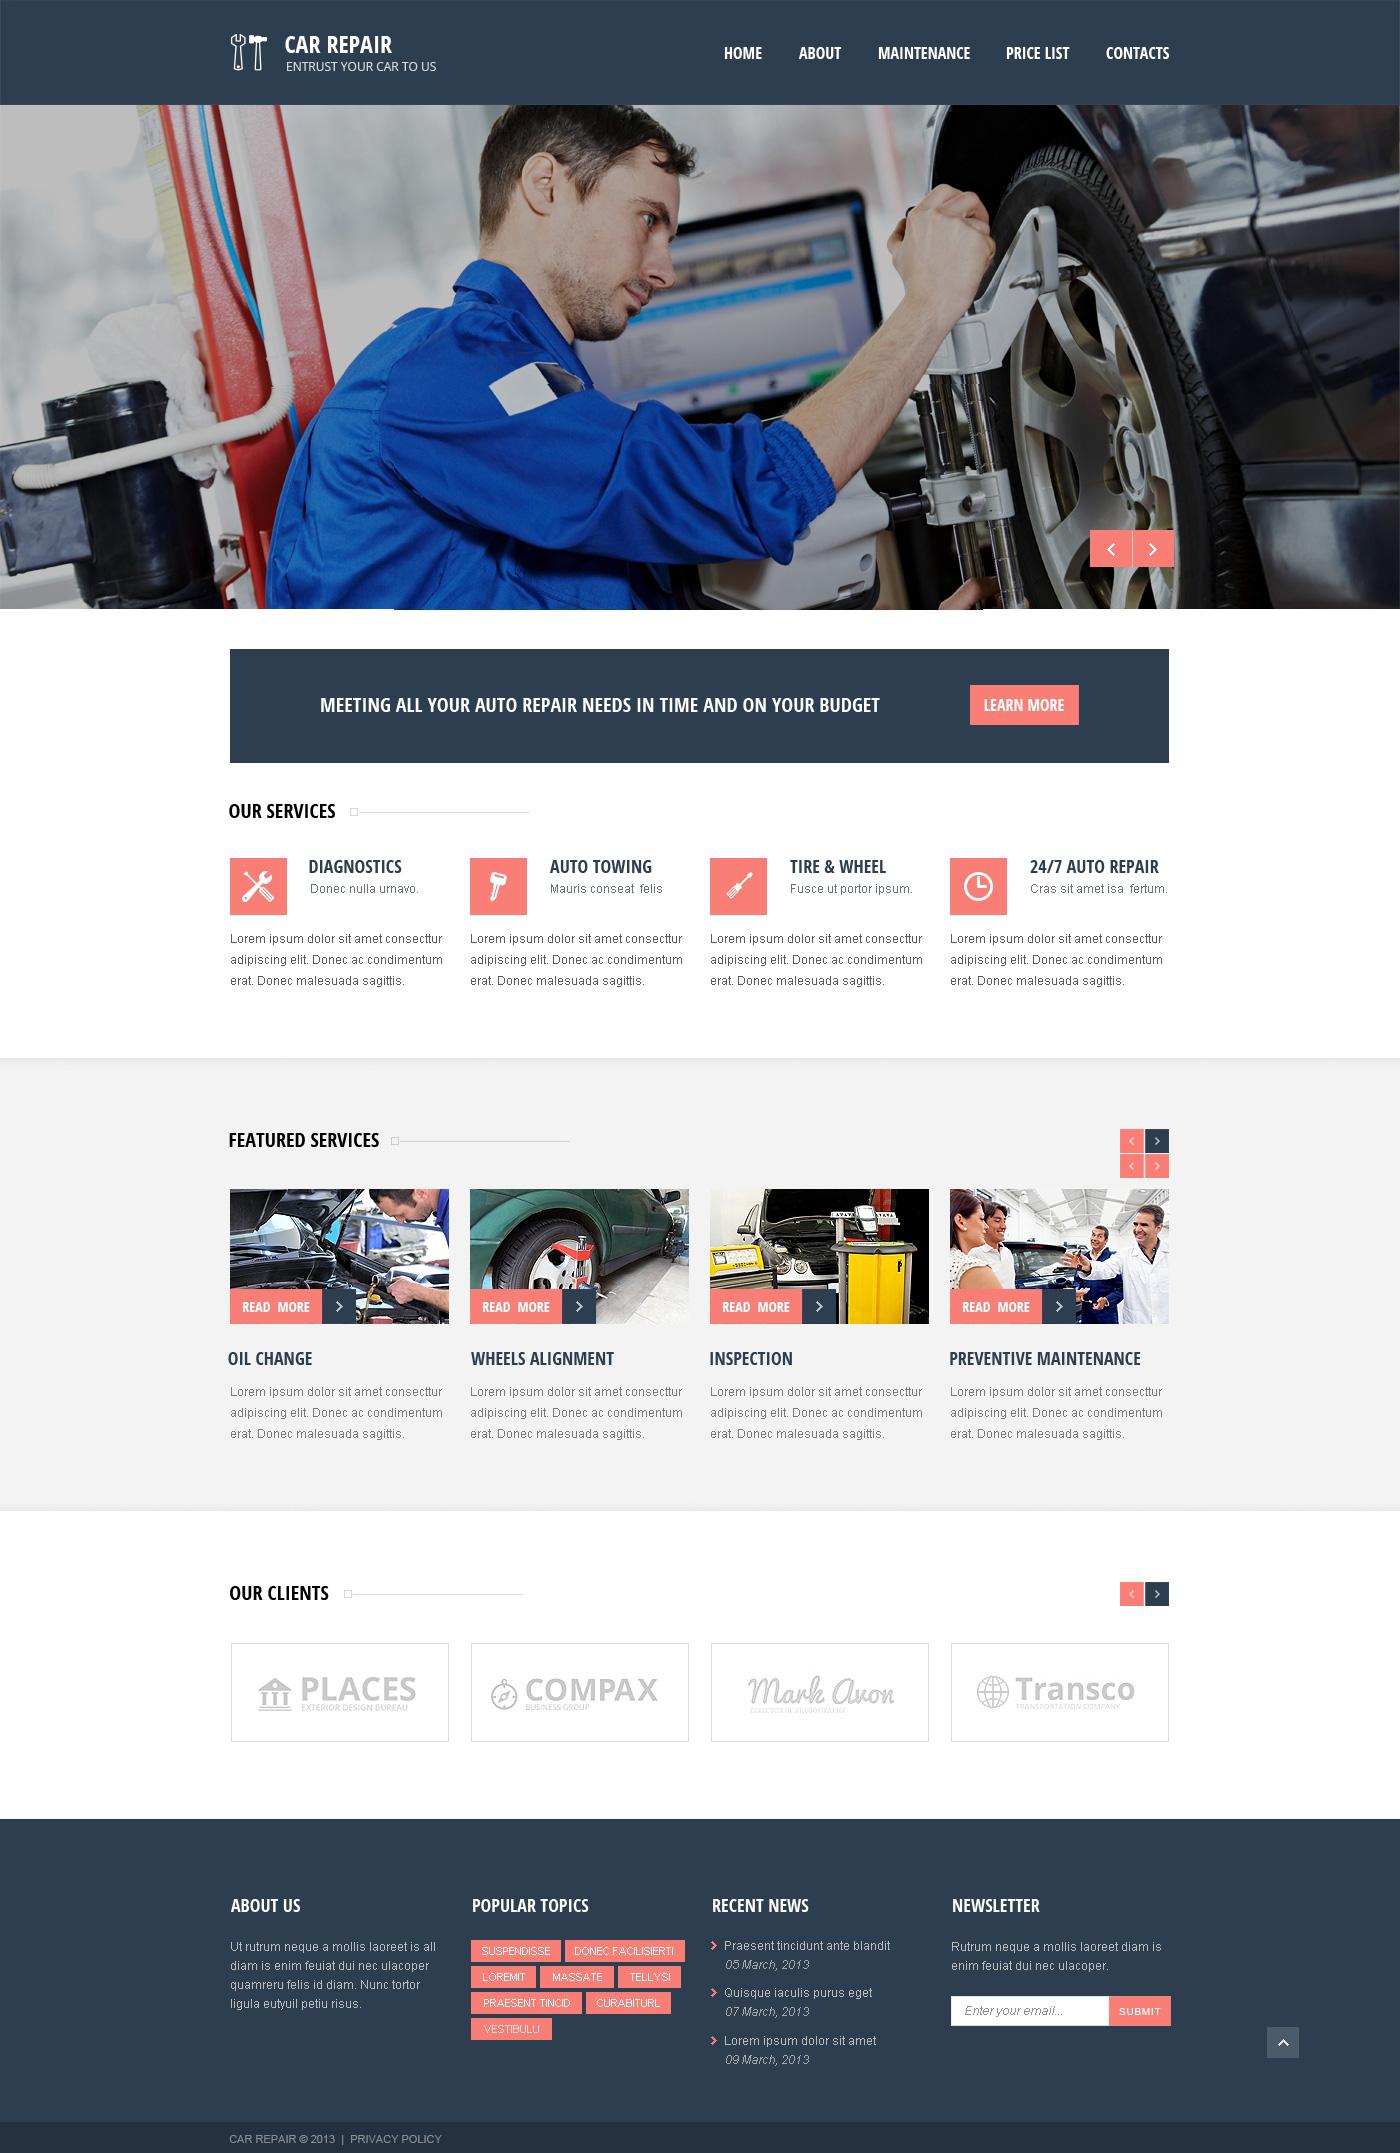 Modèle Web adaptatif pour site de réparation de voitures #46196 - screenshot